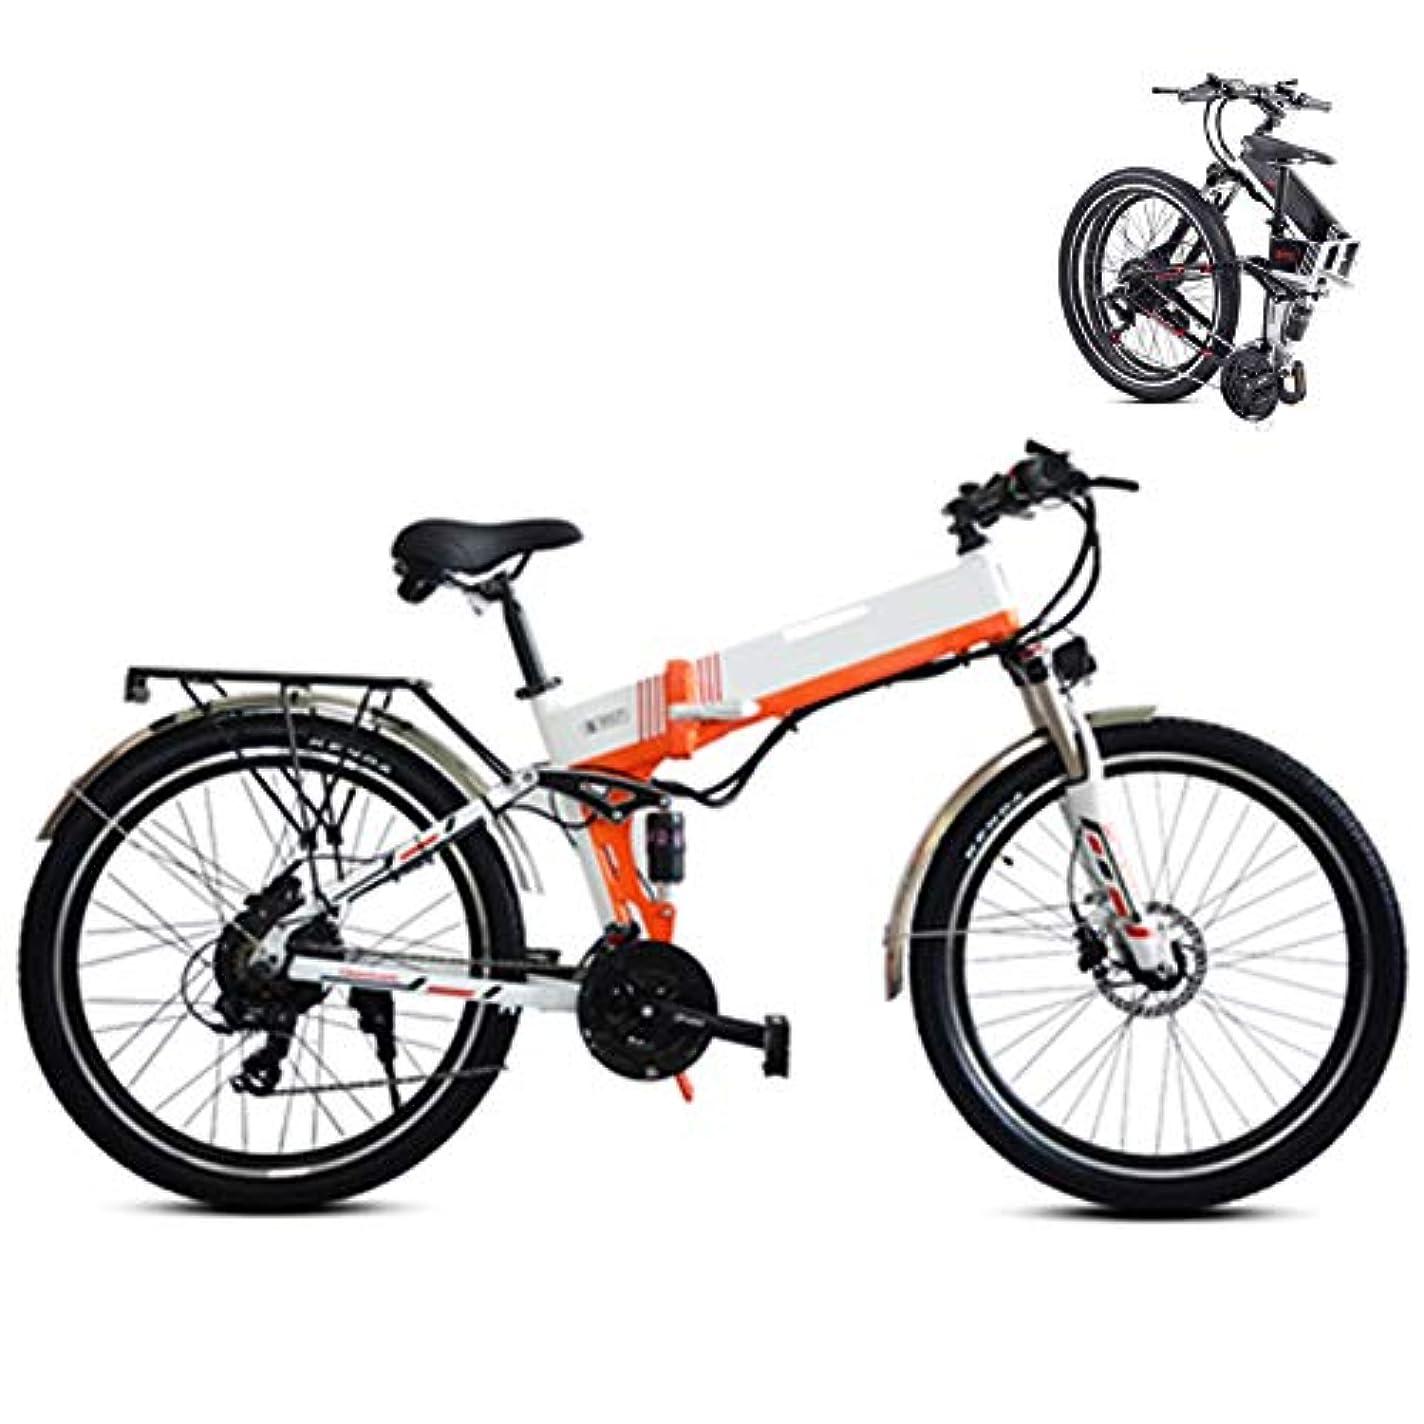 連邦こする信者折りたたみ式マウンテントレイルバイク、折りたたみ式電動マウンテンバイク、大人用26インチ電動自転車、ファットタイヤEbike 48V 350W 10.4AH取り外し可能なリチウムバッテリーアシストMT